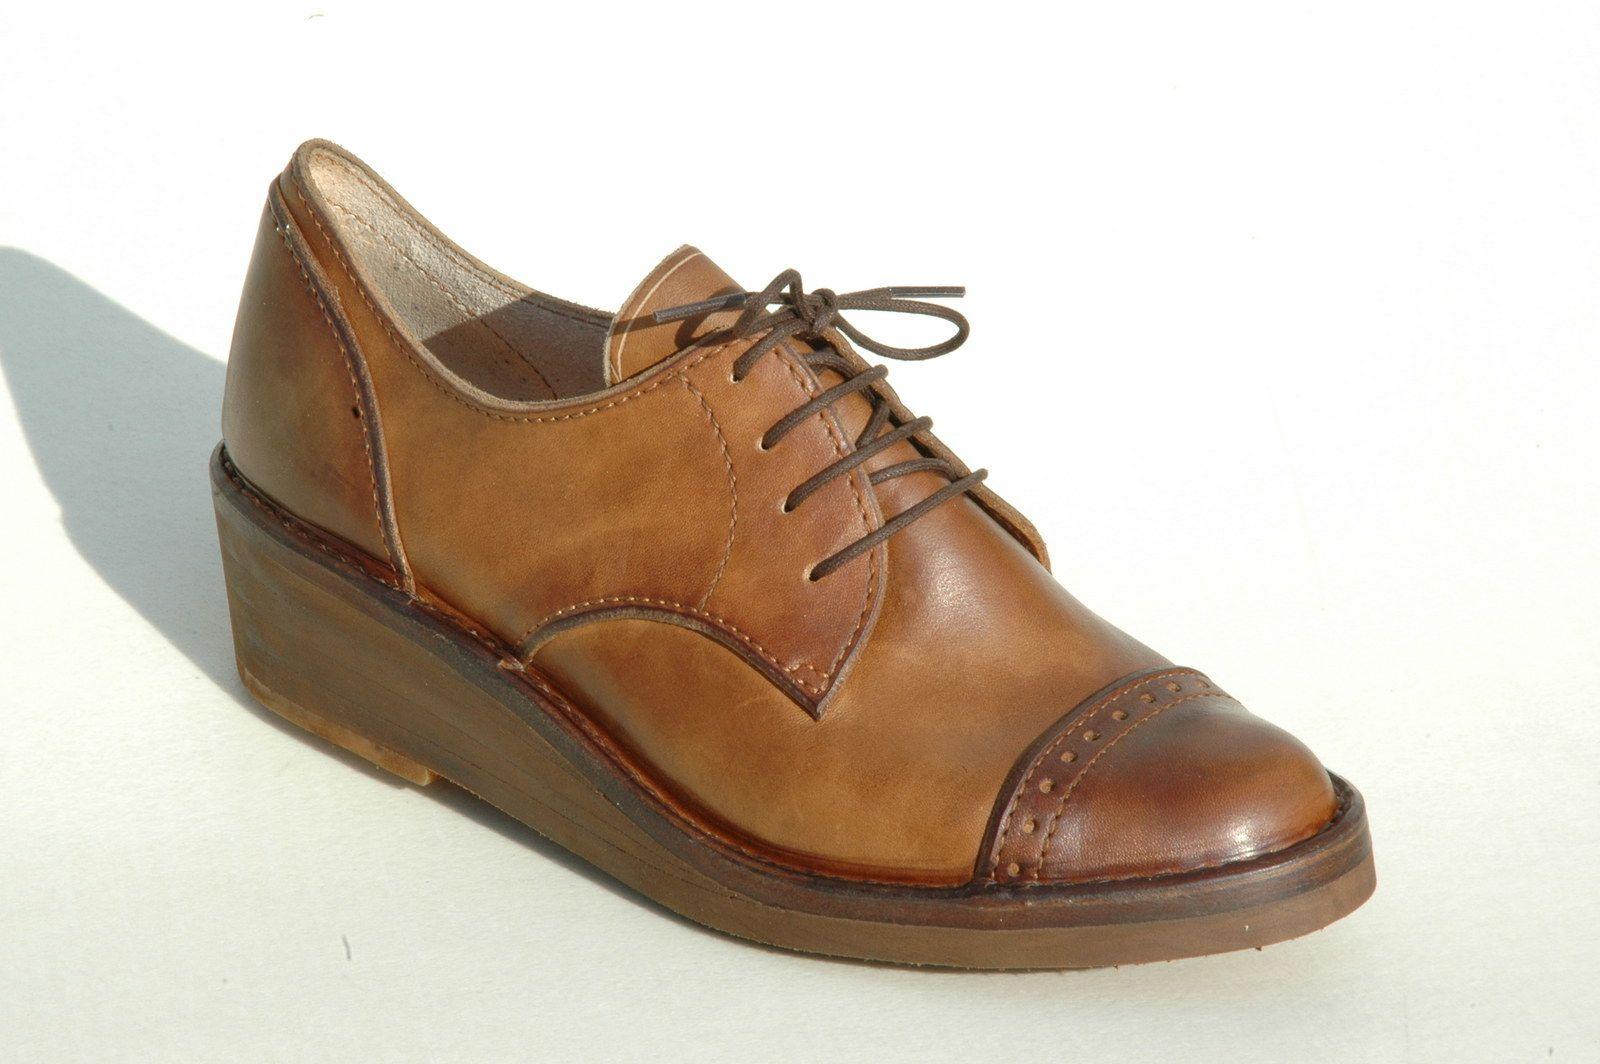 91681b0738ec Dámské polobotky   Retro Pohodlné ručně šité boty na míru z kvalitní pravé  kůže. Dámské